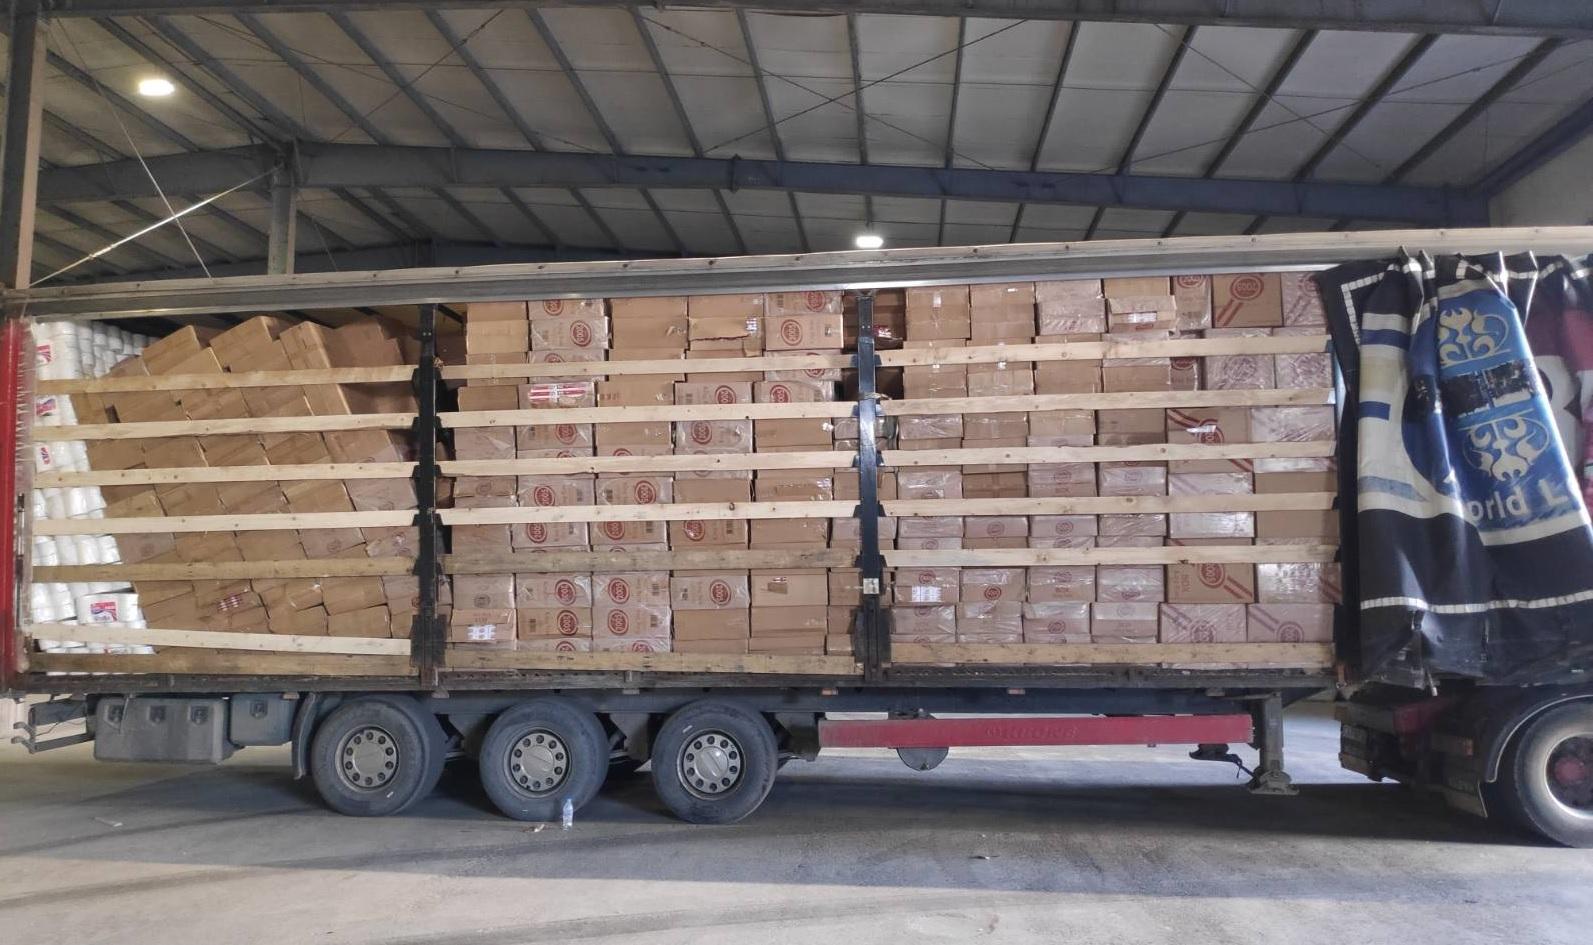 Митнически служители задържаха над 13 млн. къса контрабандни цигари в полуремарке, натоварено на ферибот от Грузия